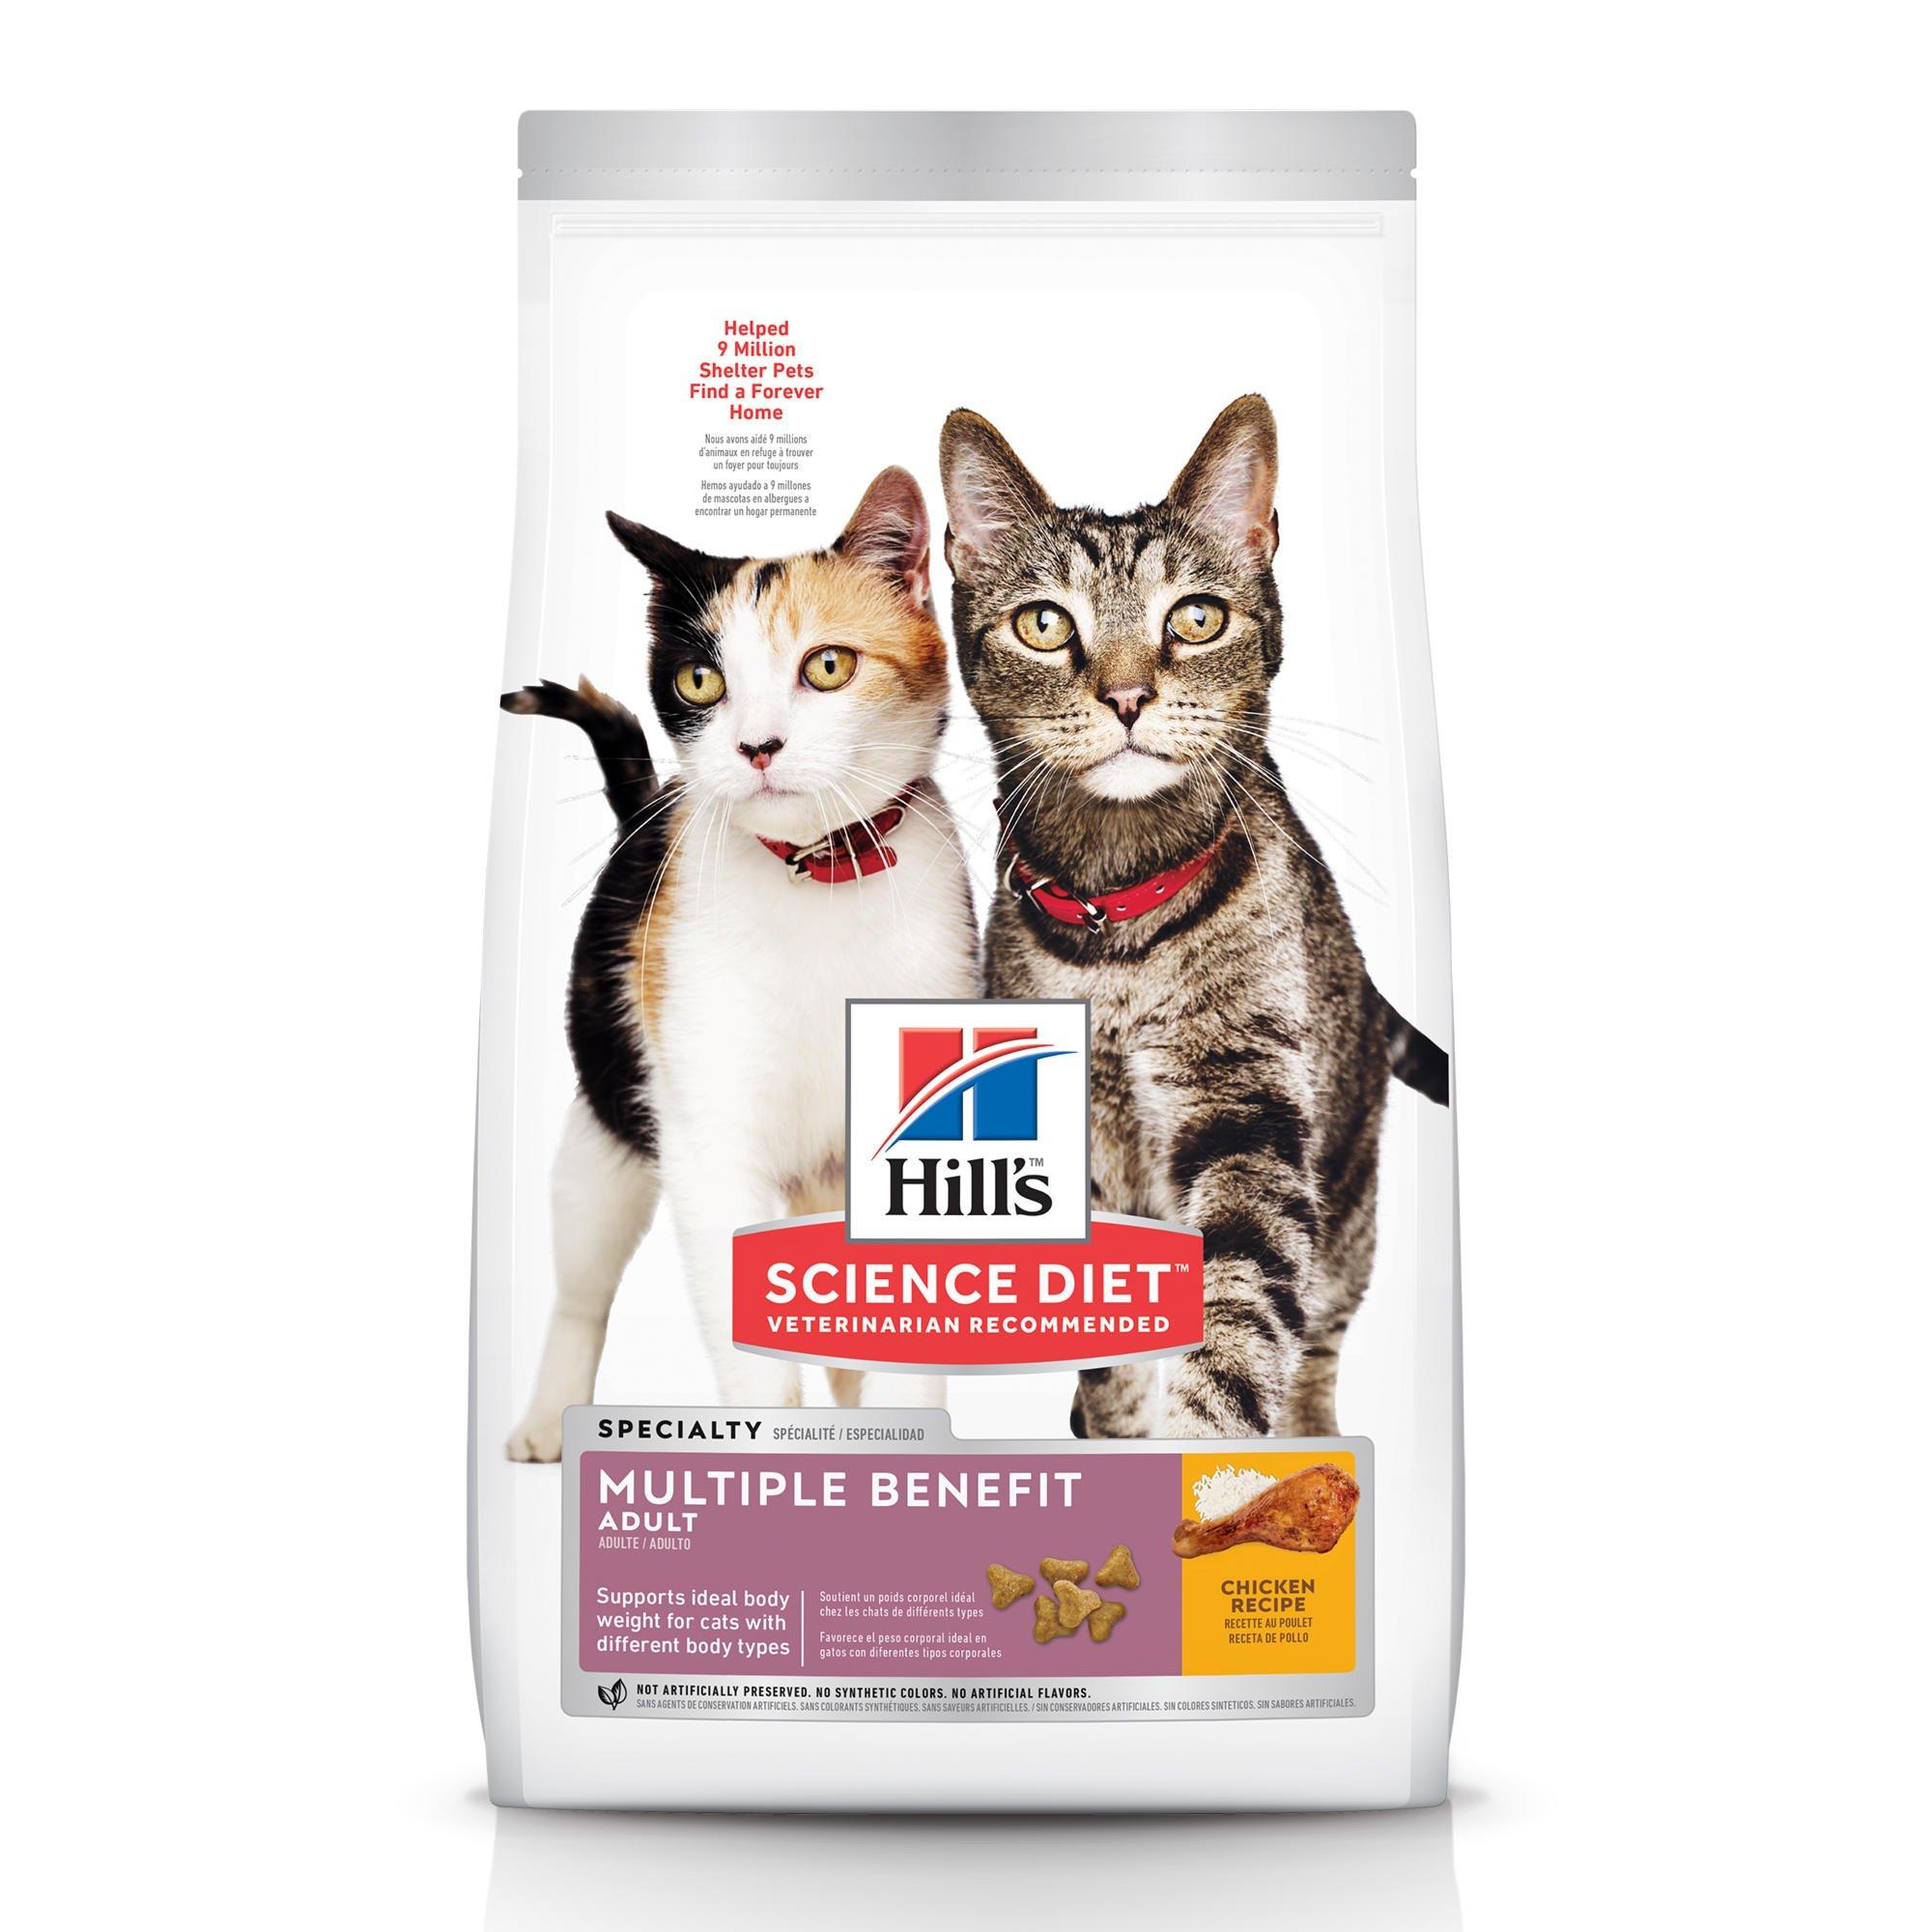 Hills Cat Food